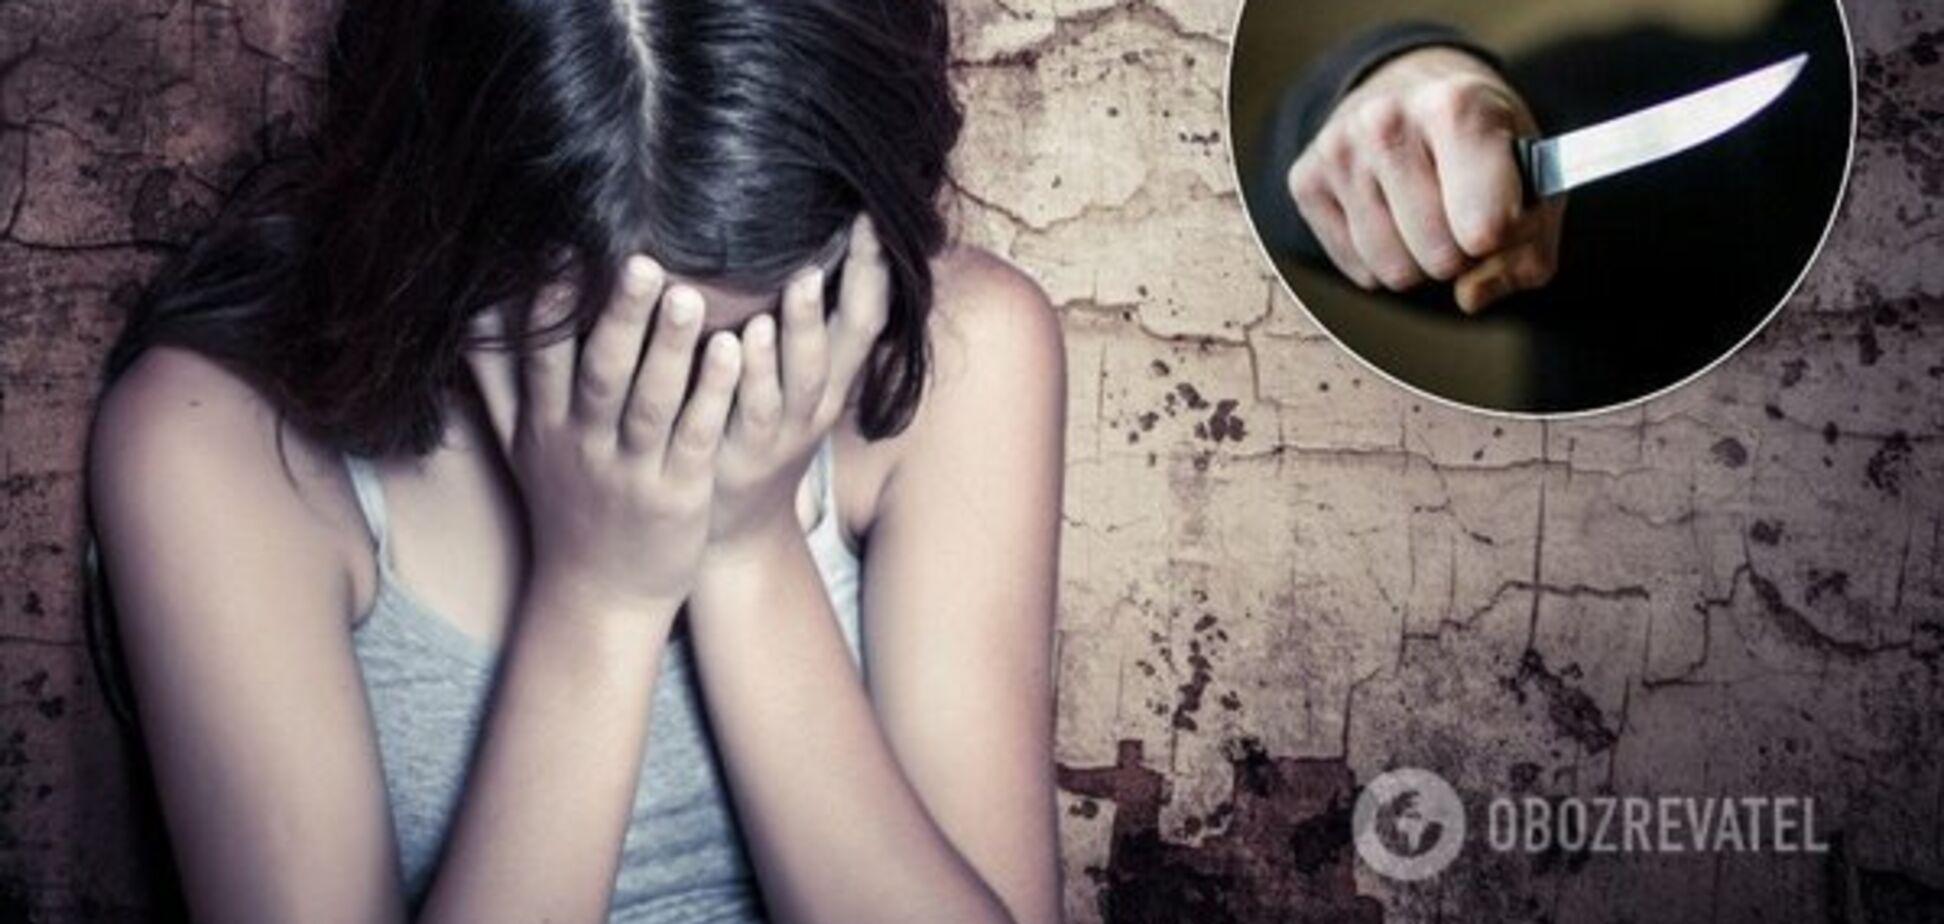 Зарізали й підпалили: з'явилися моторошні подробиці вбивства 13-річної дівчинки на Донеччині